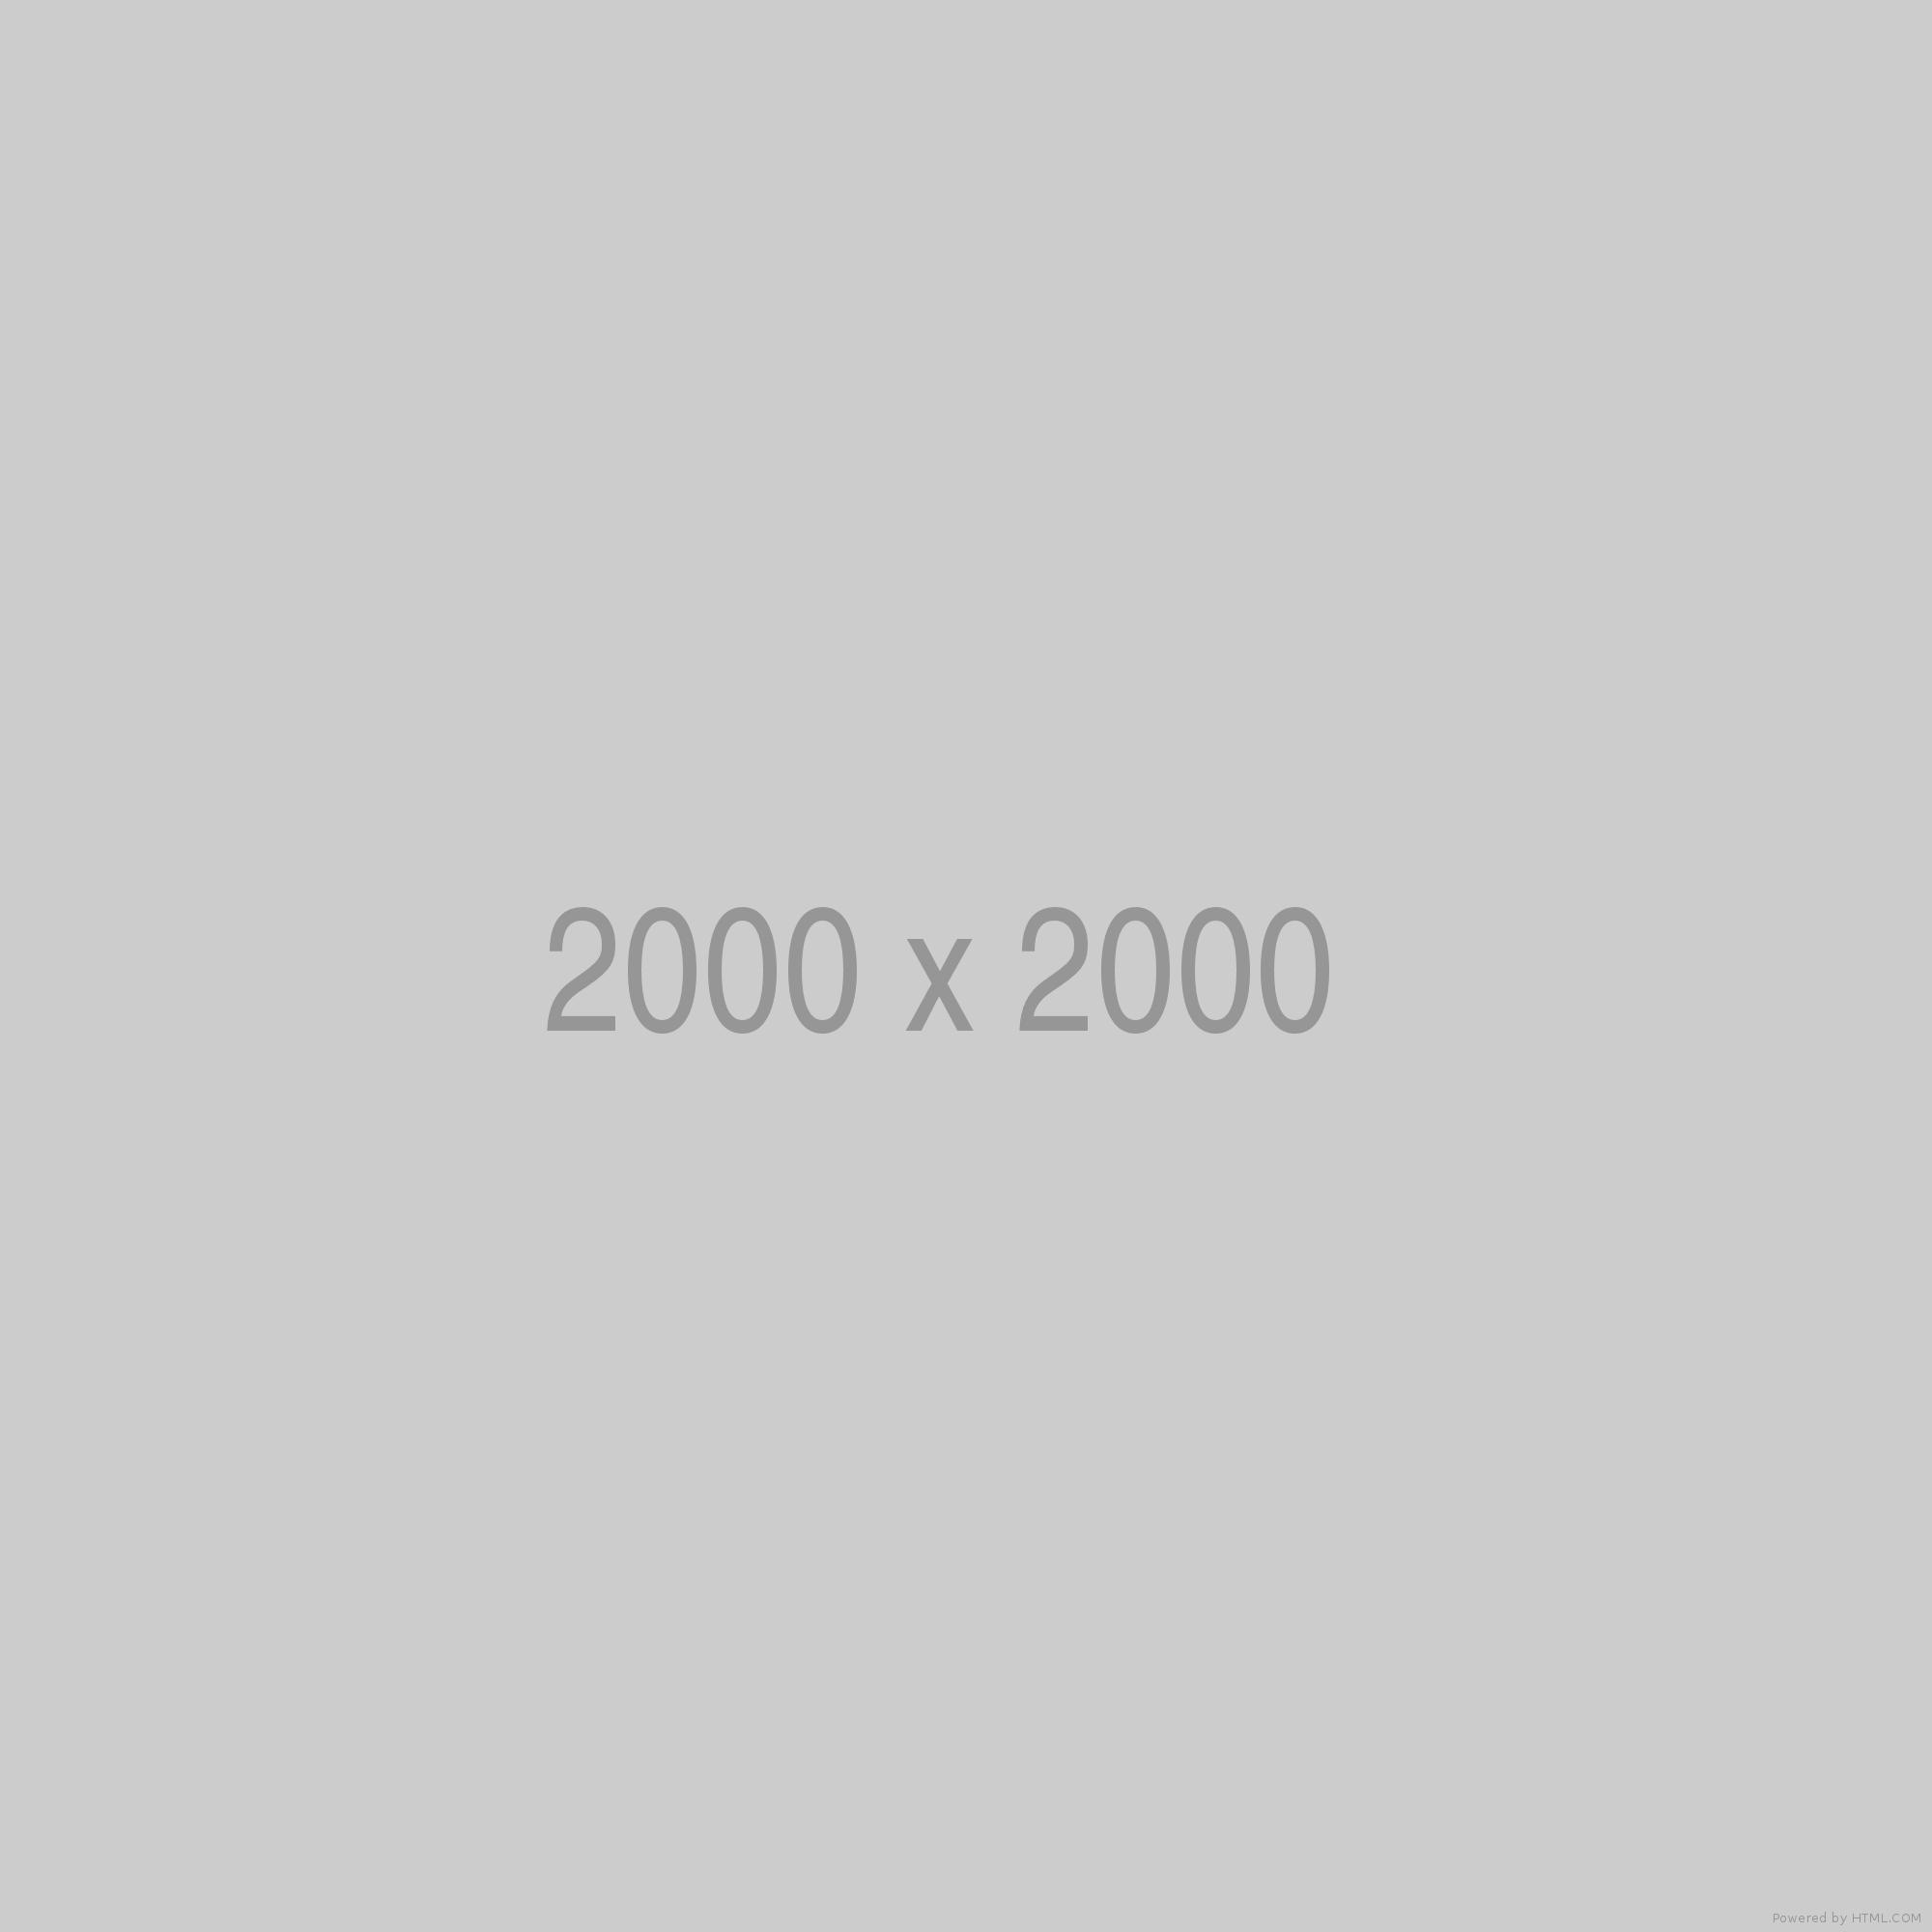 w2000h2000-jpg